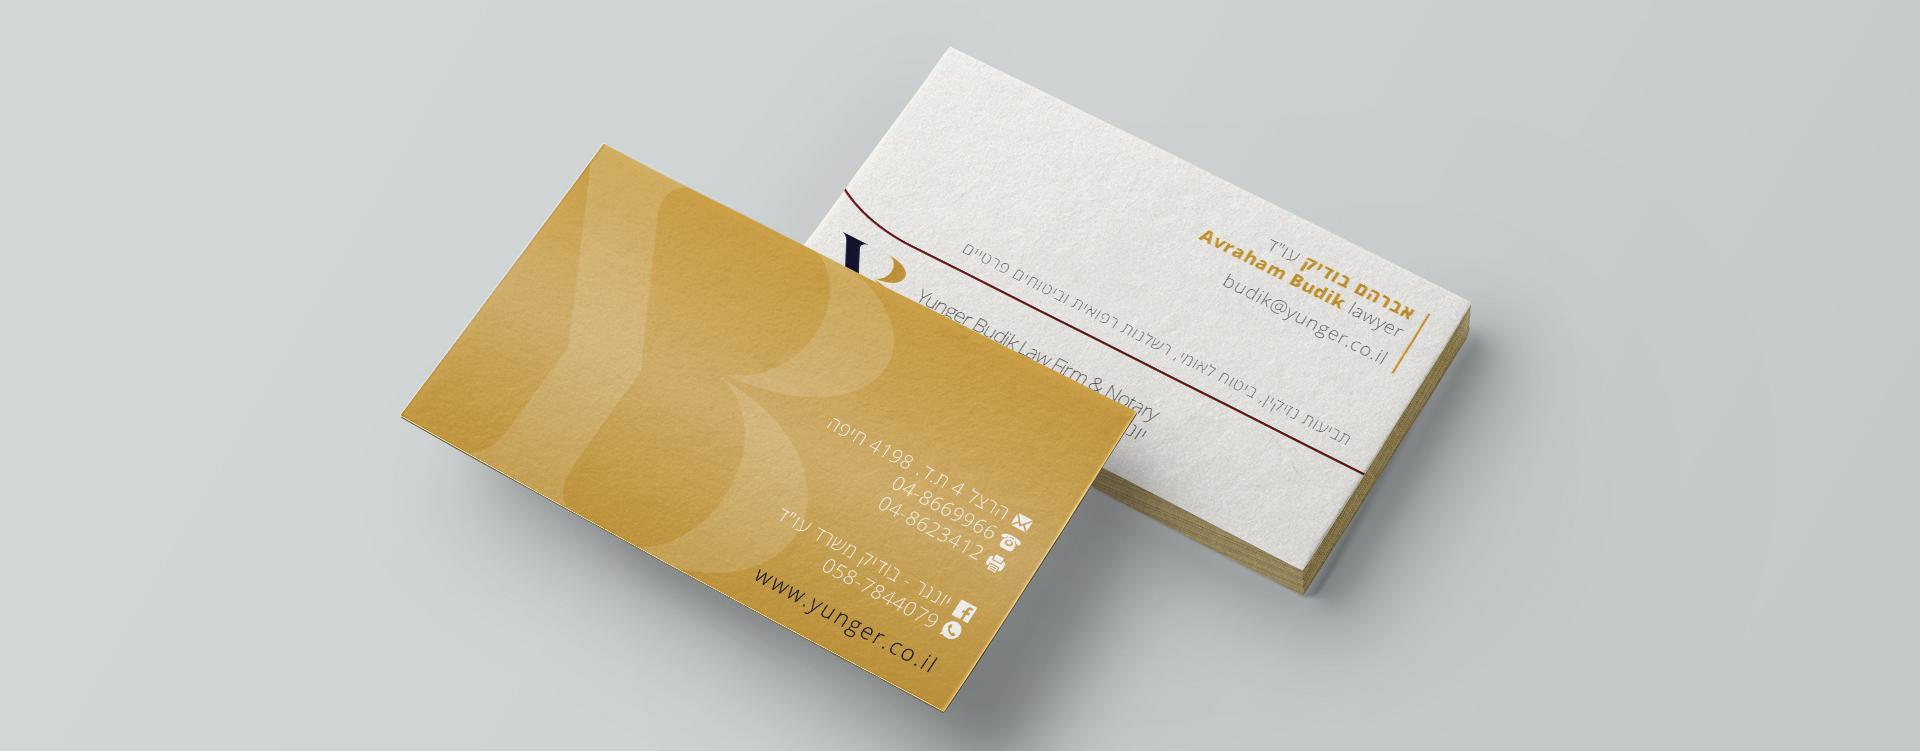 הדמיית כרטיס ביקור - יונגר